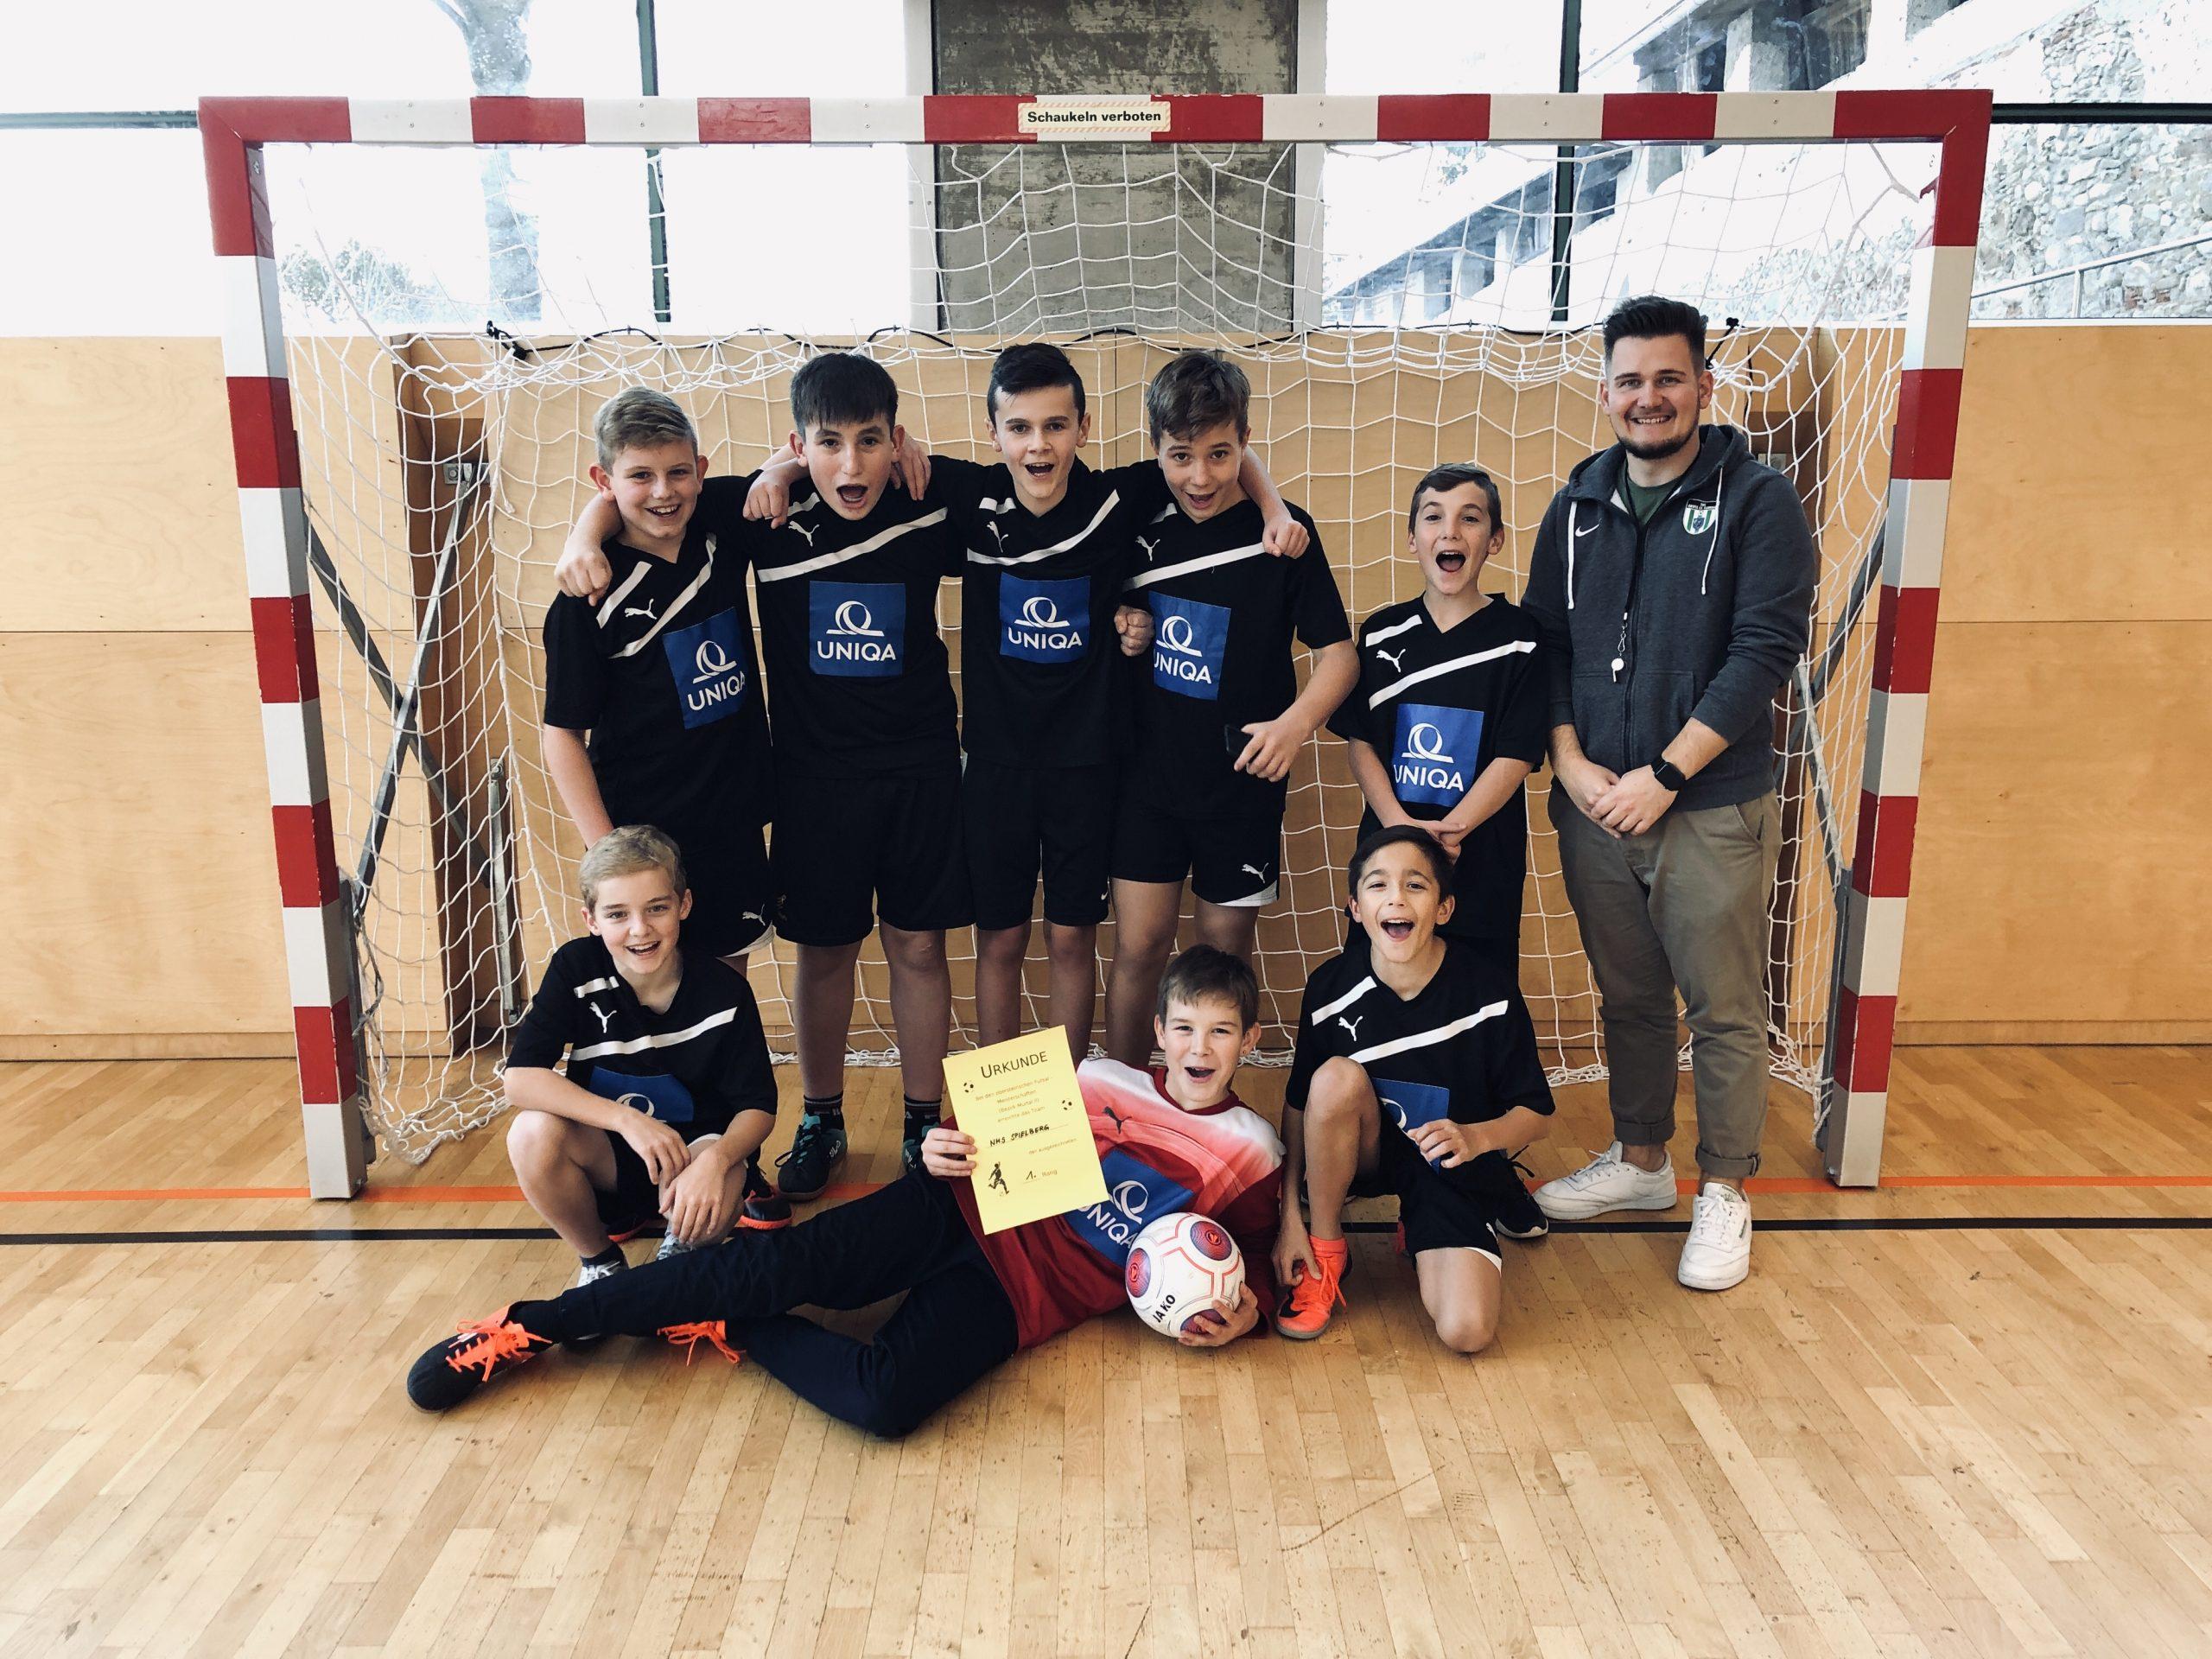 1. Platz beim Futsal Turnier